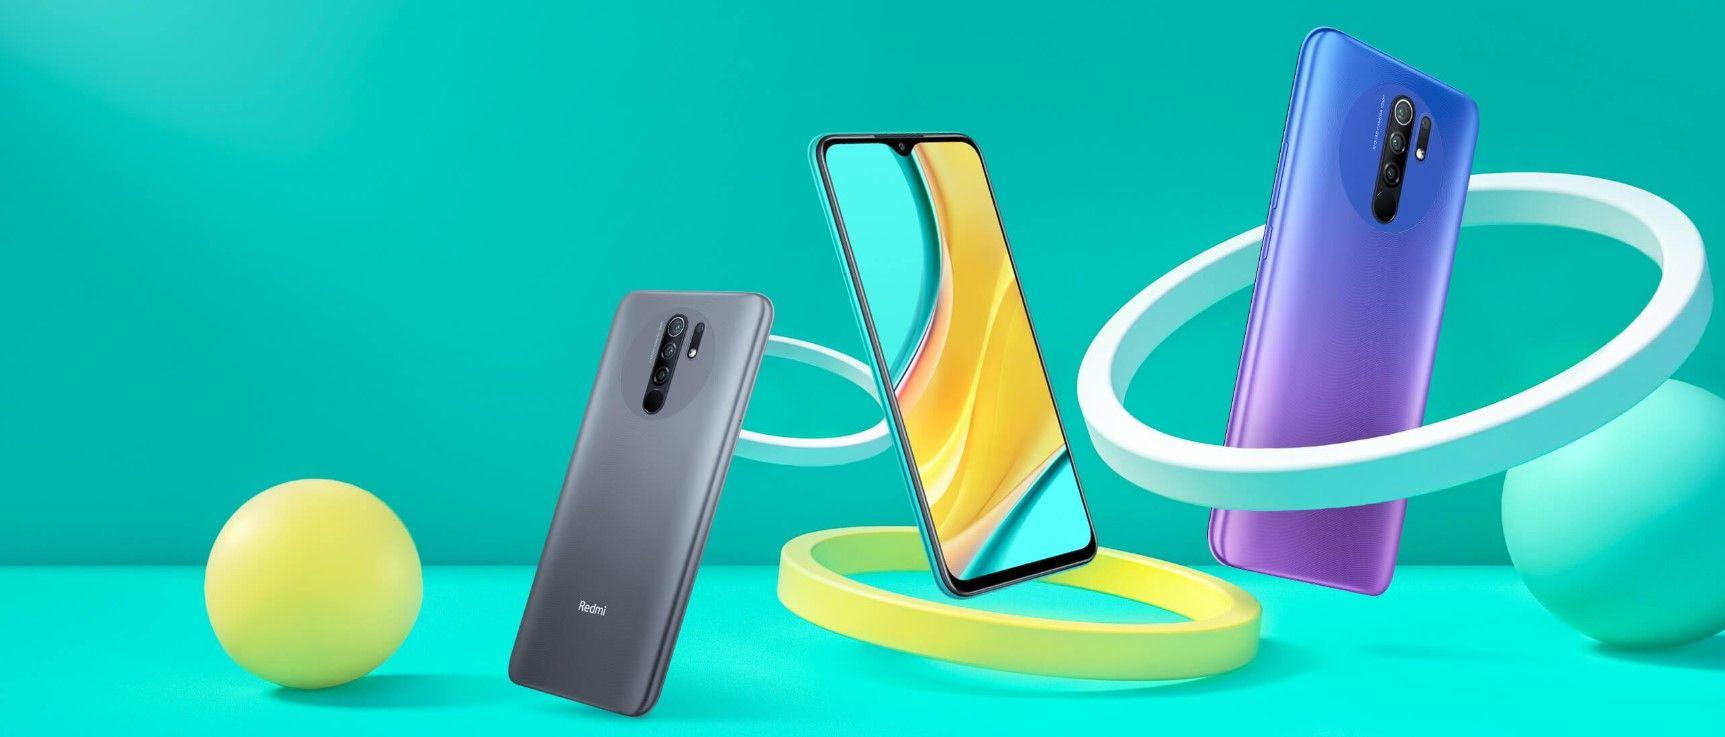 Xiaomi Redmi 9 Купить в Москве